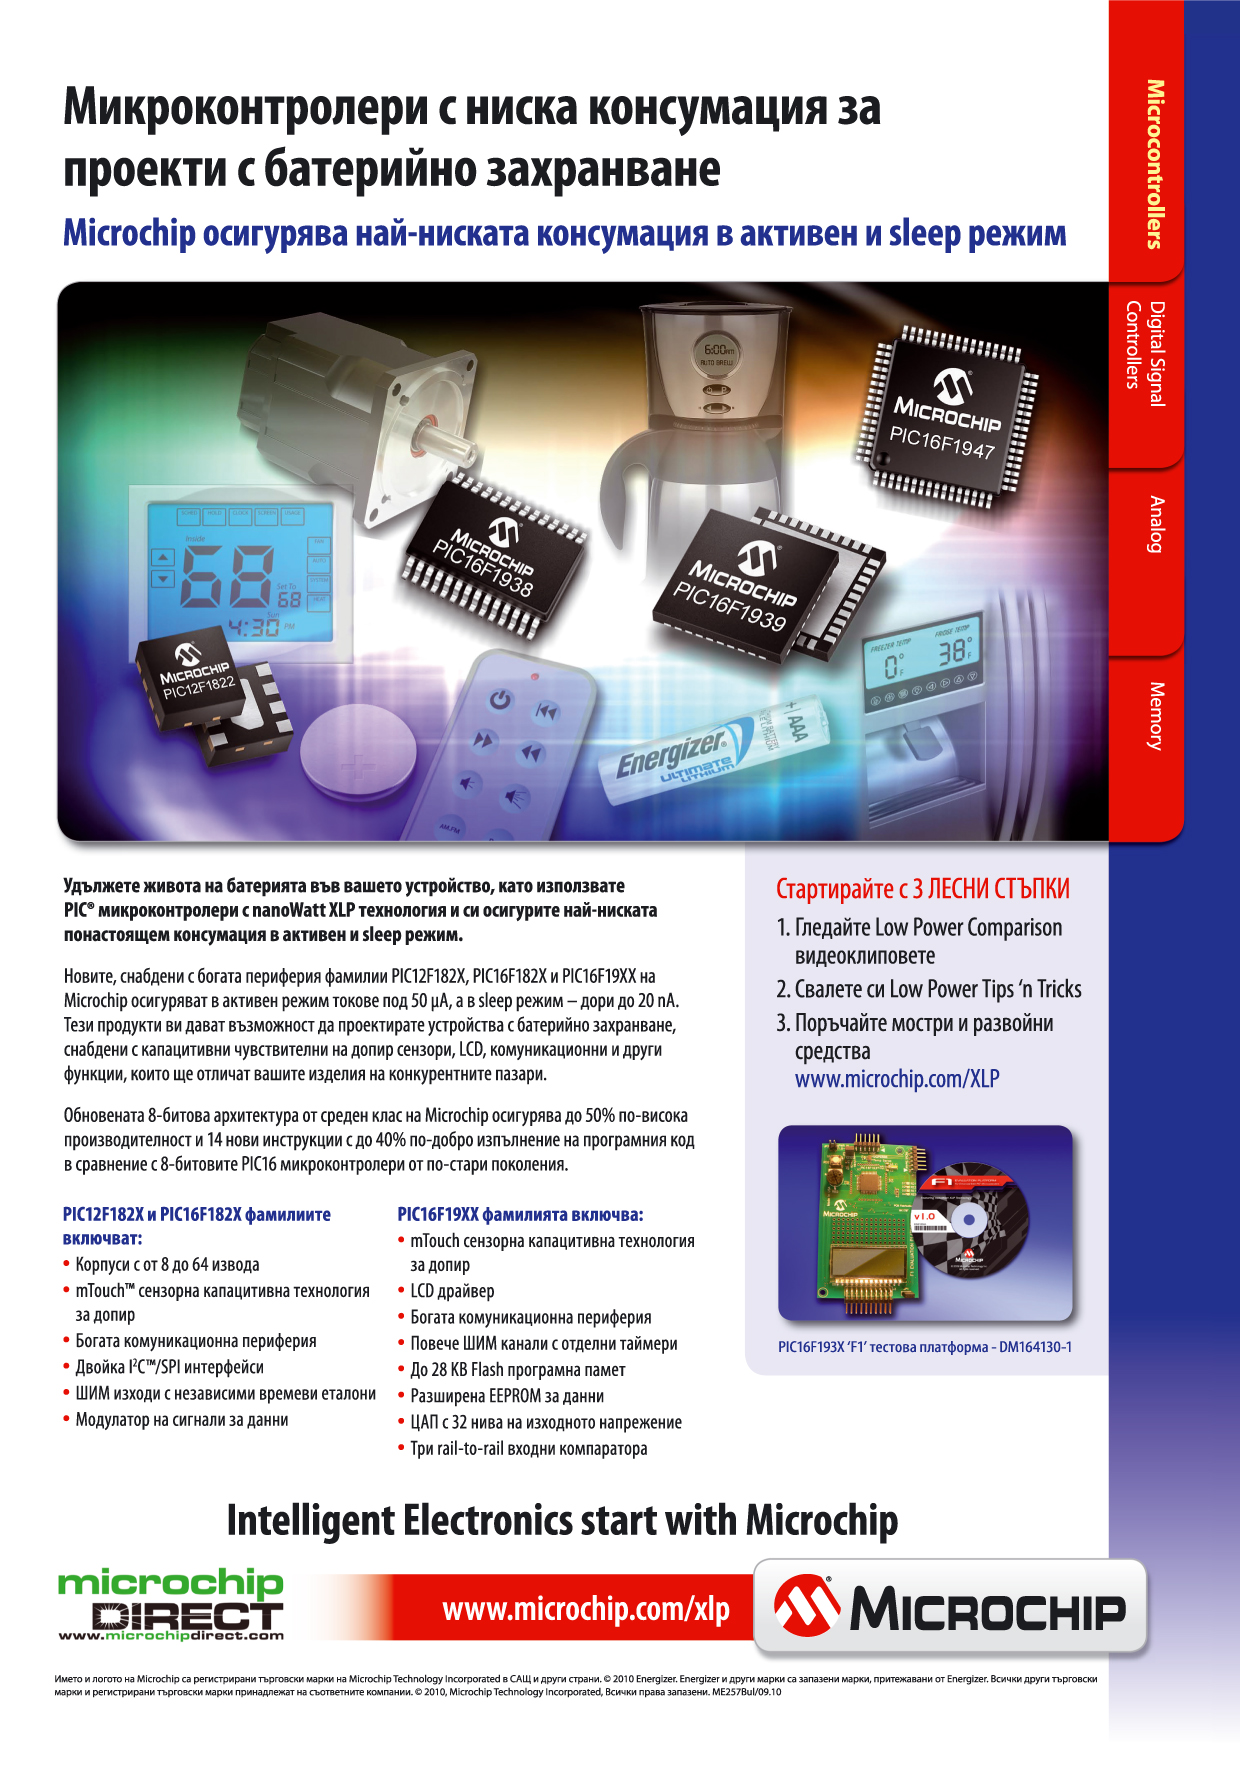 Microchip Technologies